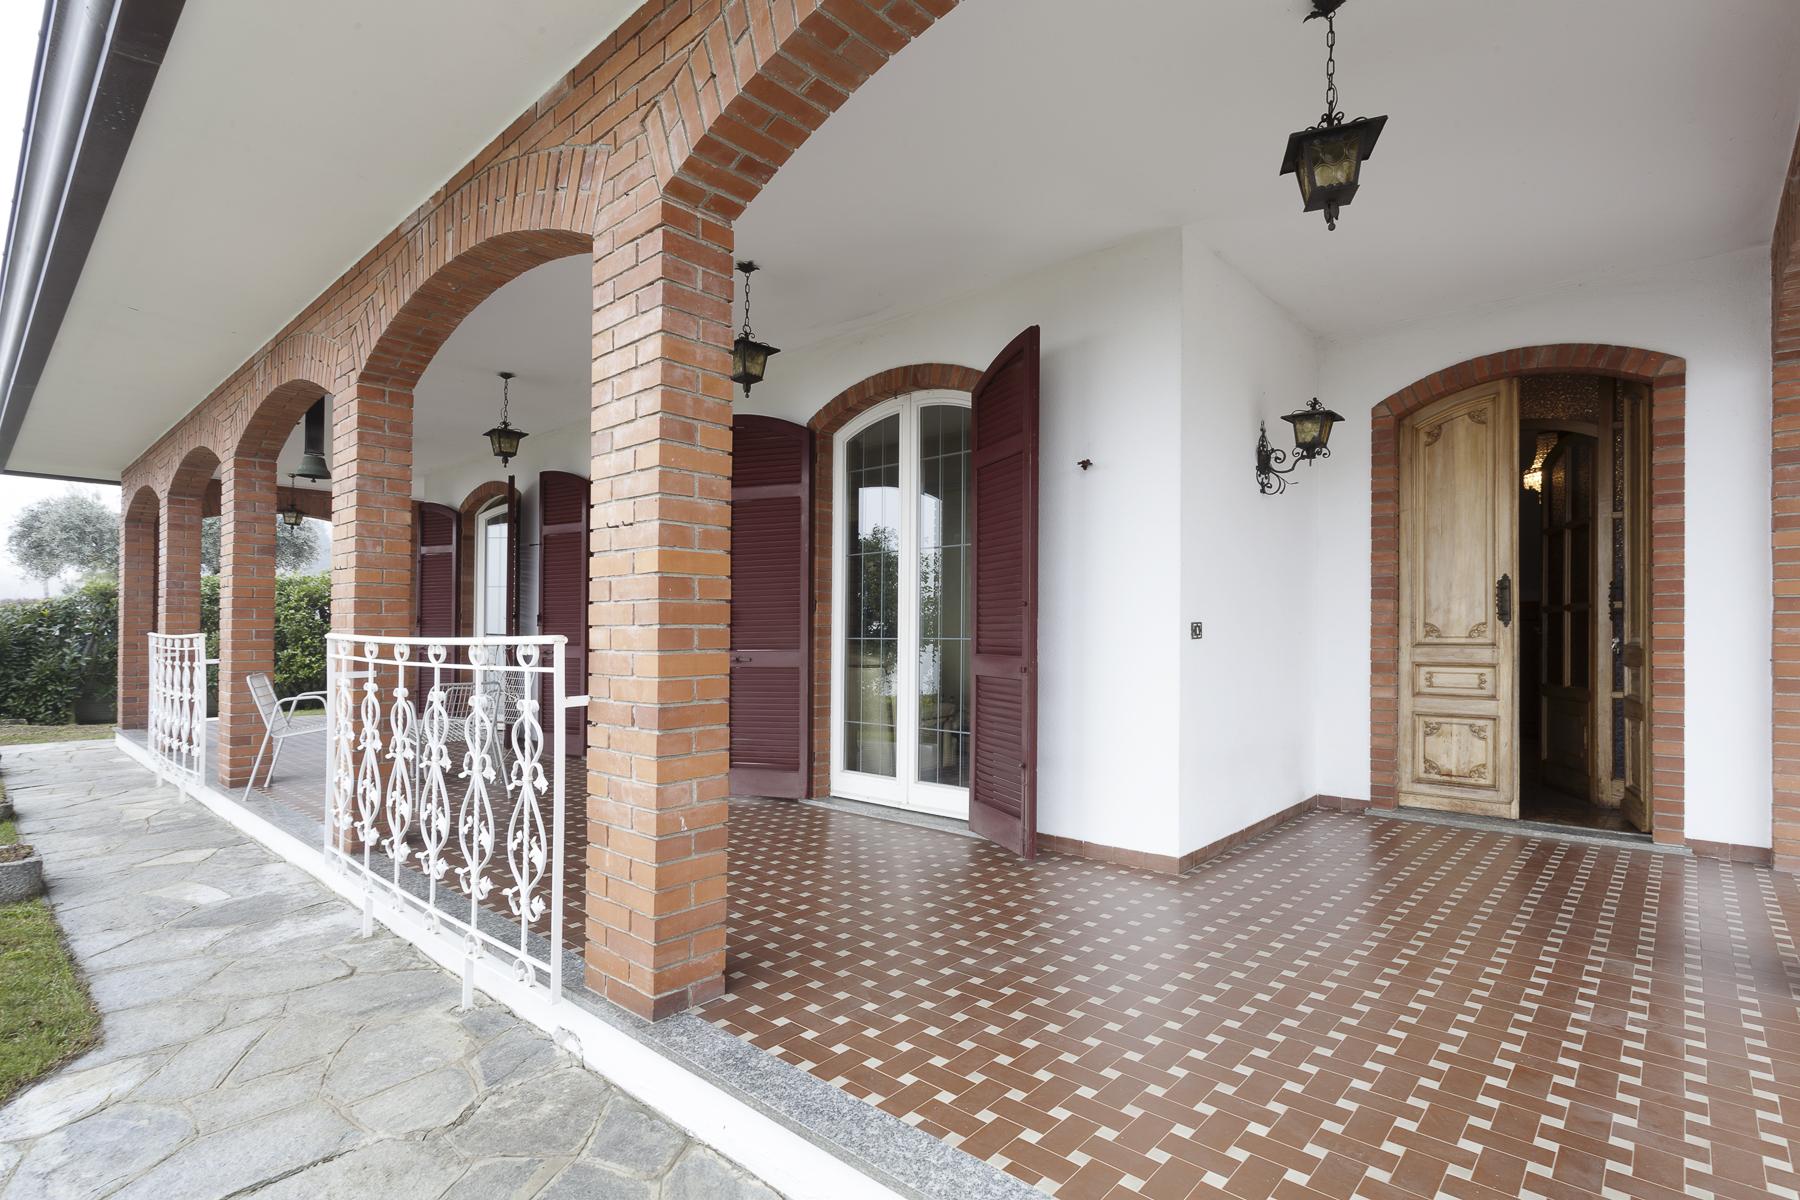 Villa in Vendita a Nebbiuno: 5 locali, 370 mq - Foto 2